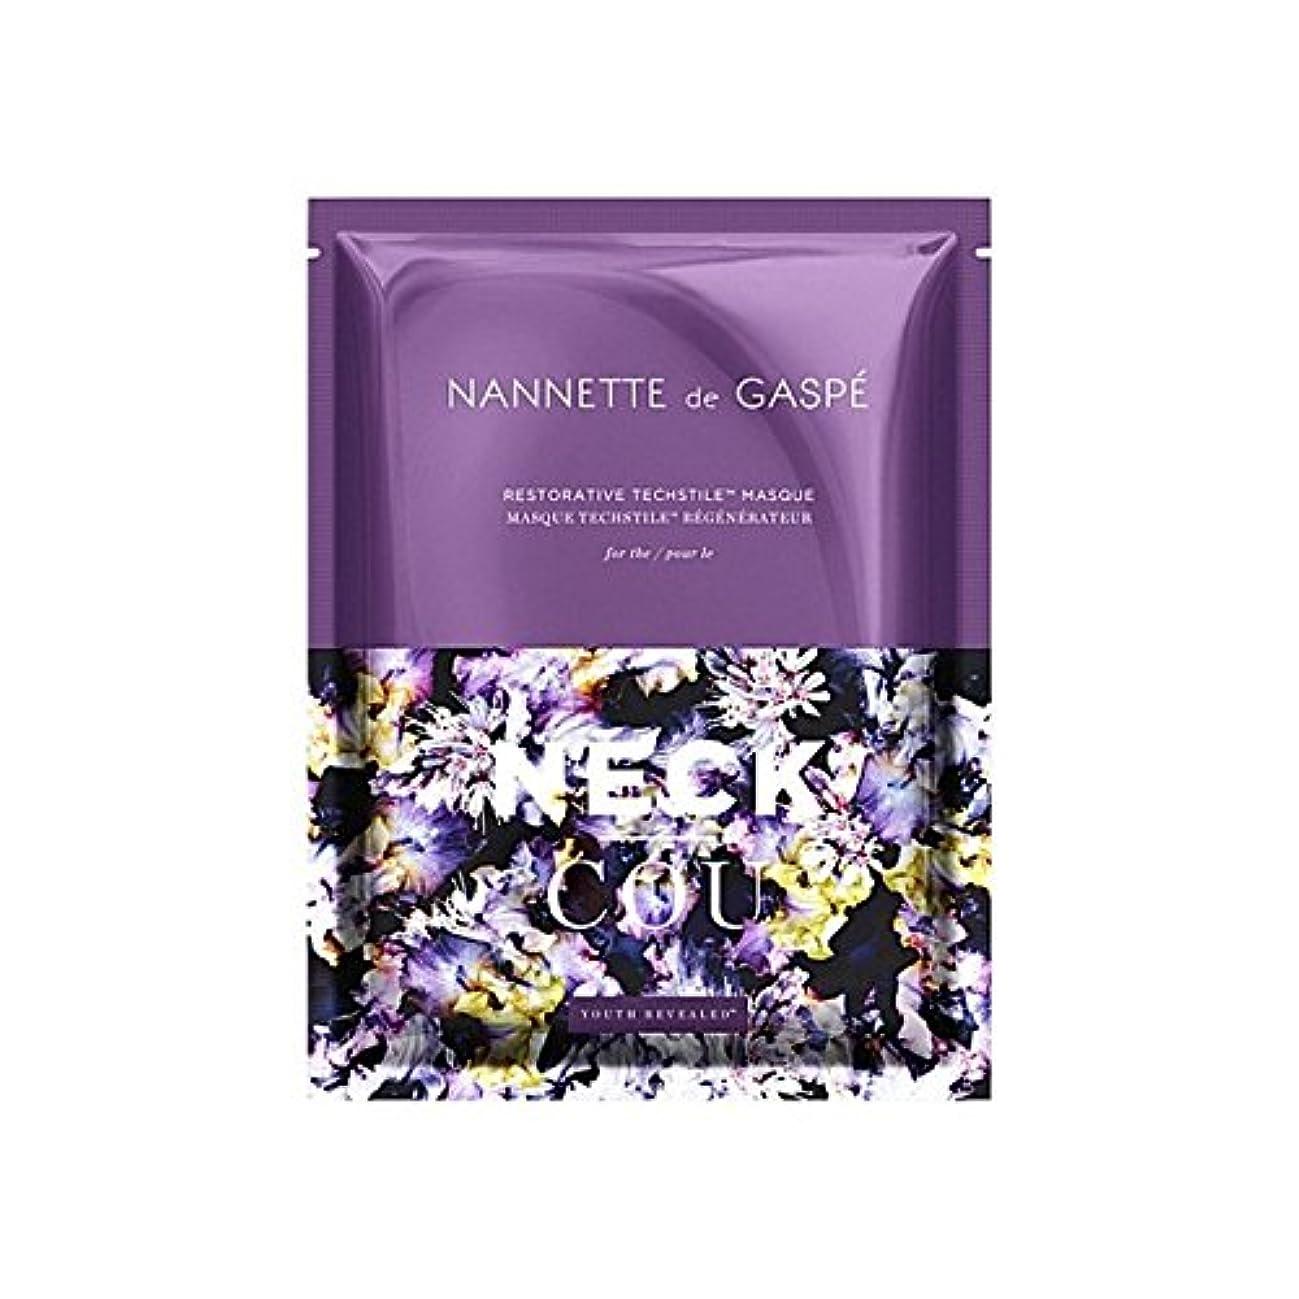 むしろペイント誓約Nannette De Gaspe Restorative Techstile Neck Masque (Pack of 6) - デガスペ修復首の仮面劇 x6 [並行輸入品]